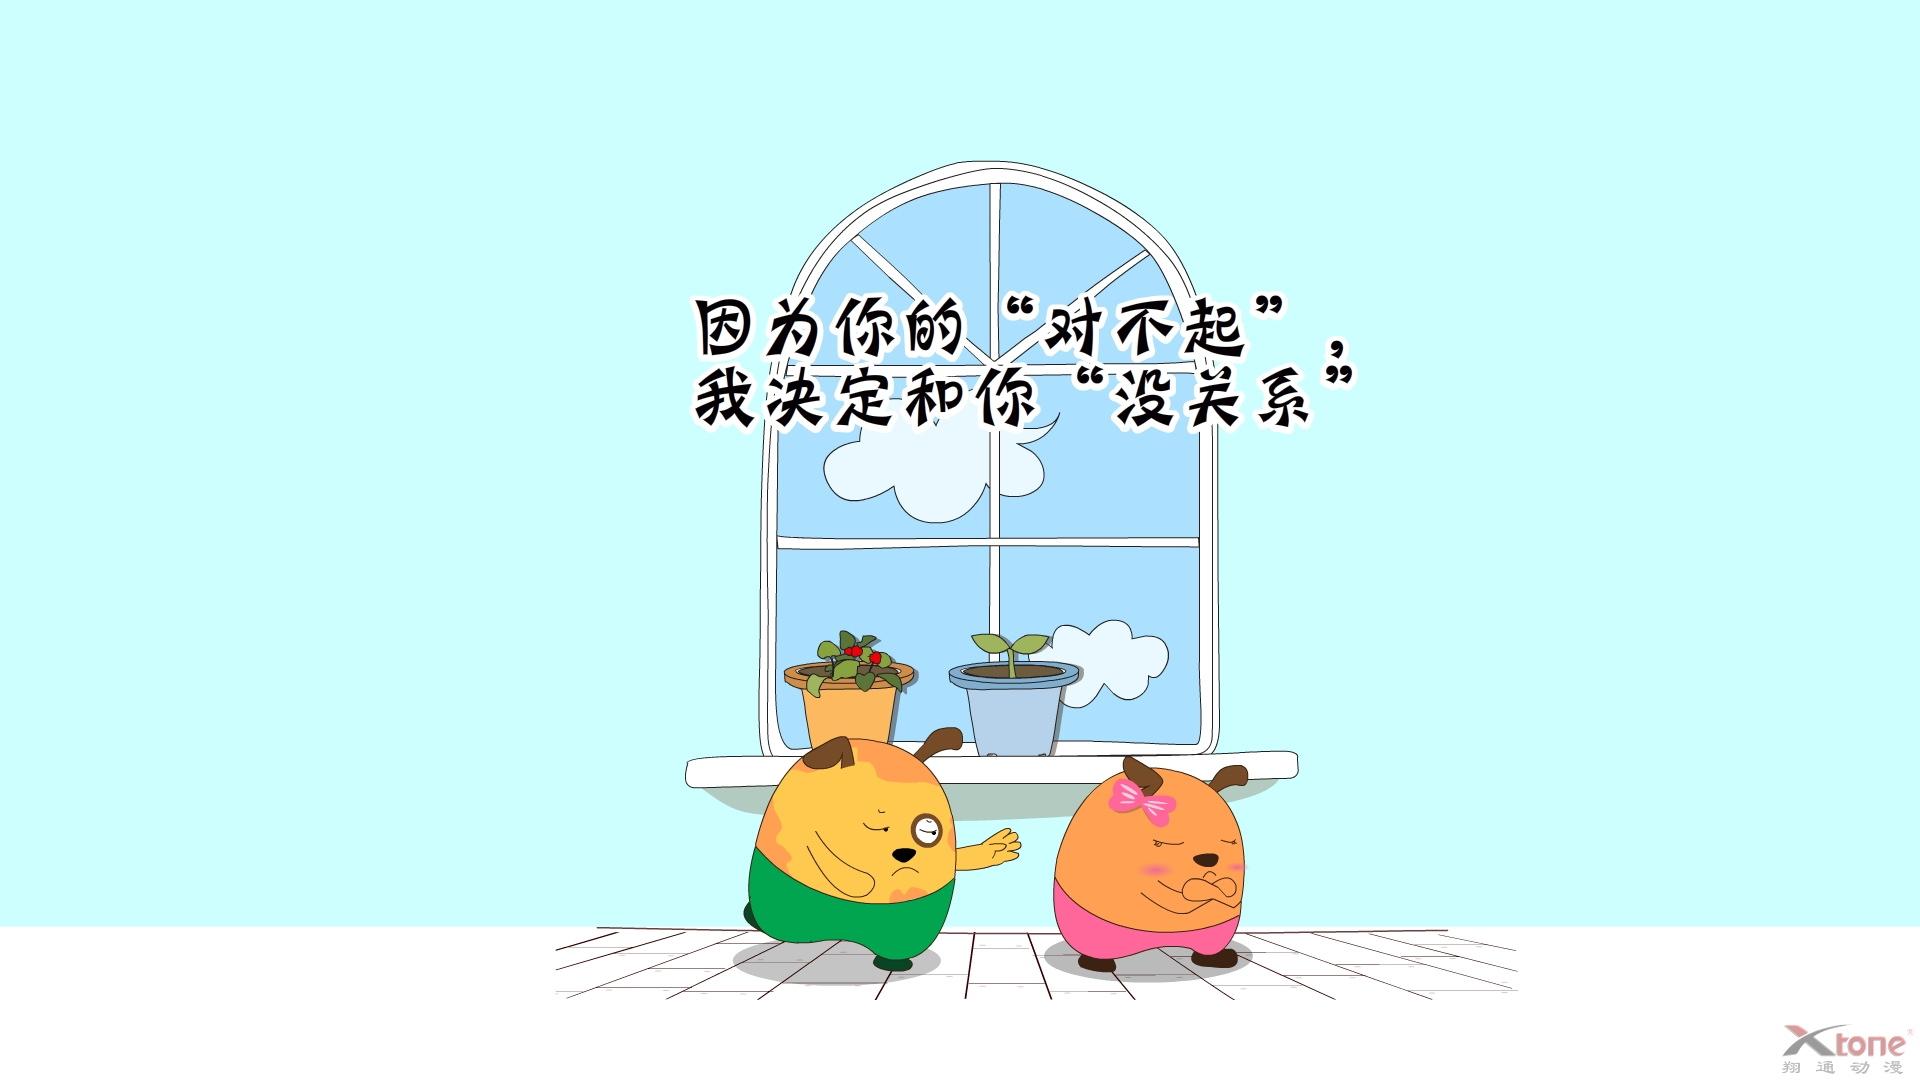 翔通动漫-童年雪糕(1920x1080)壁纸